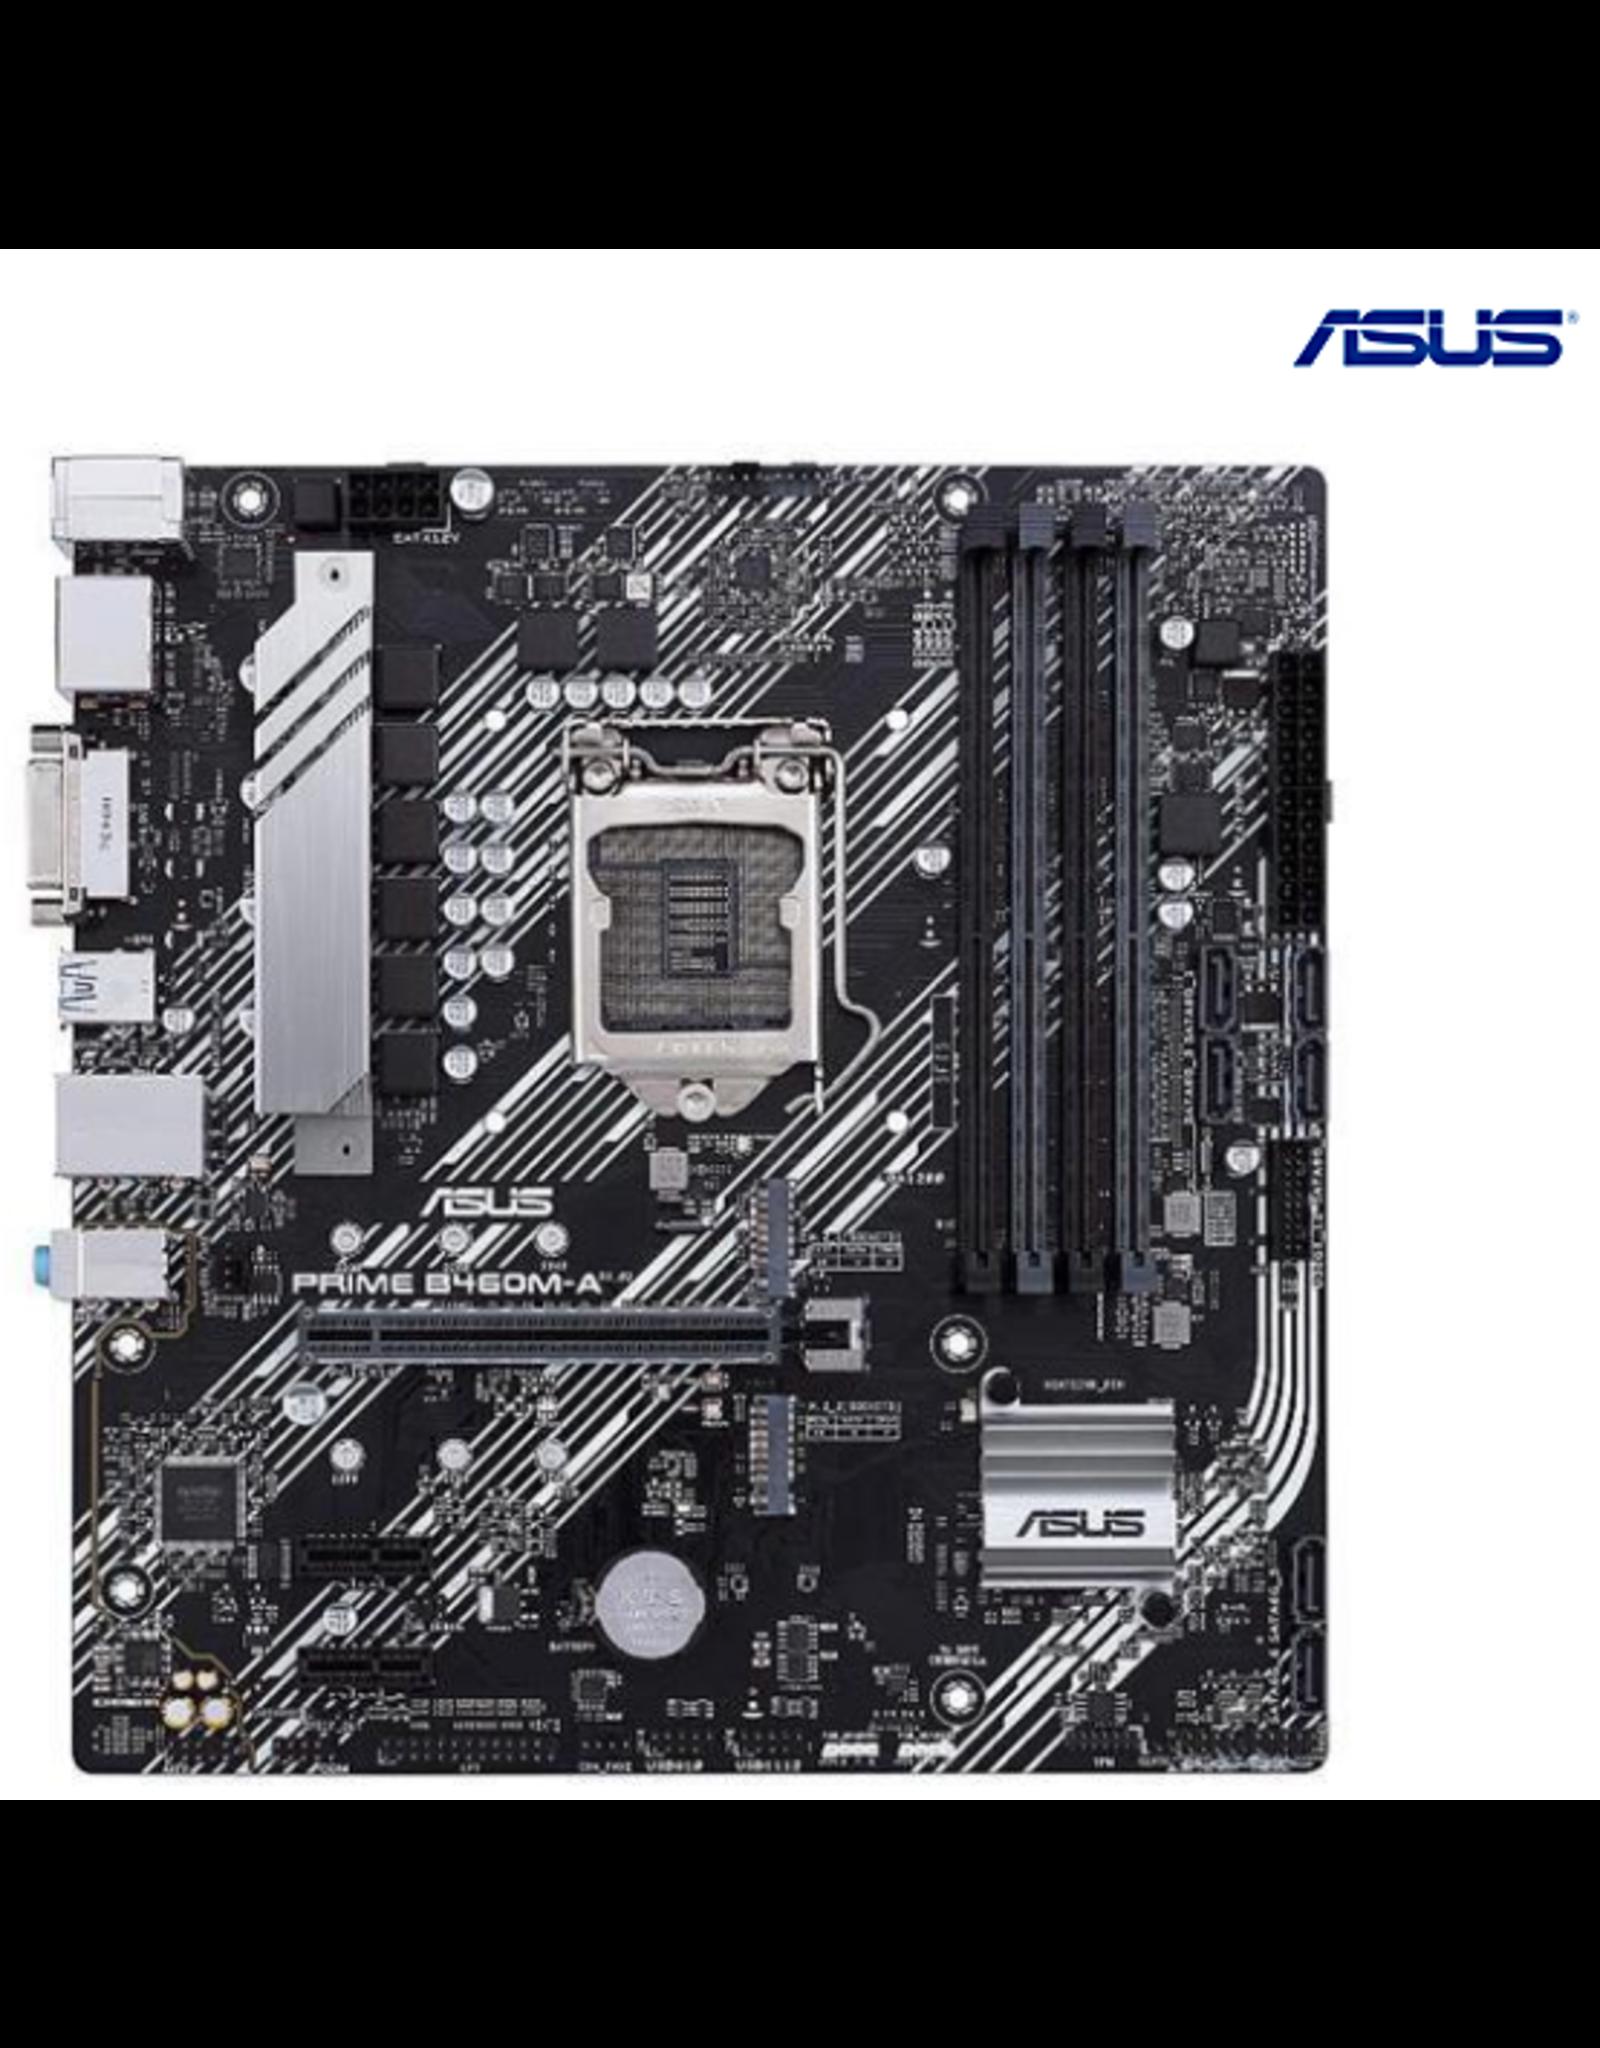 Asus ASUS PRIME B460M-A LGA 1200 Intel B460 SATA 6Gb/s Micro ATX Intel Motherboard